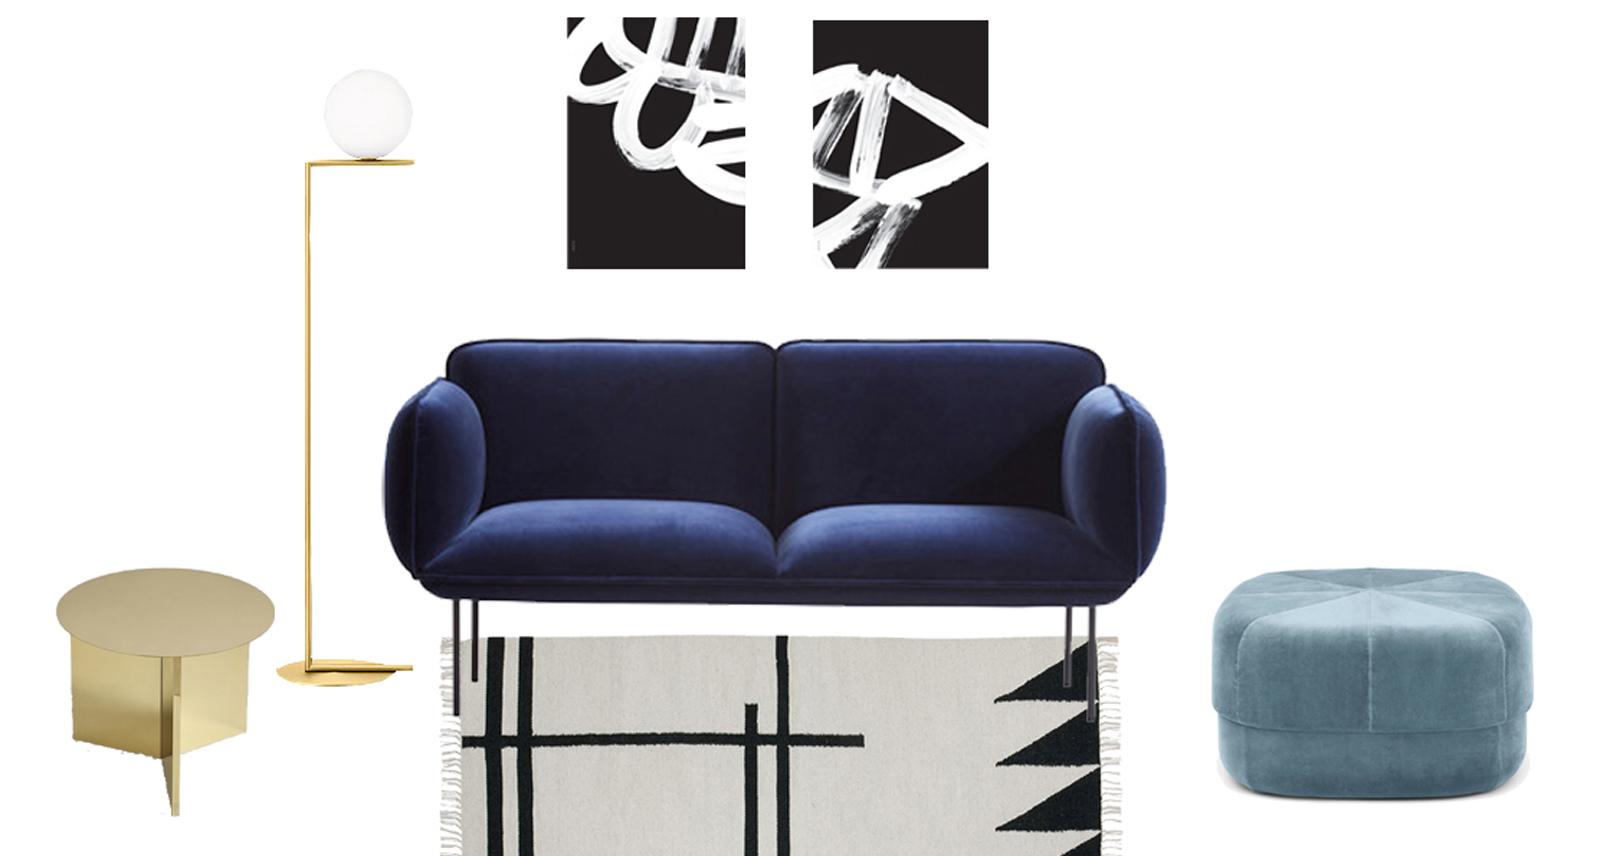 Un divano in velluto blu interior notes - Divano velluto blu ...